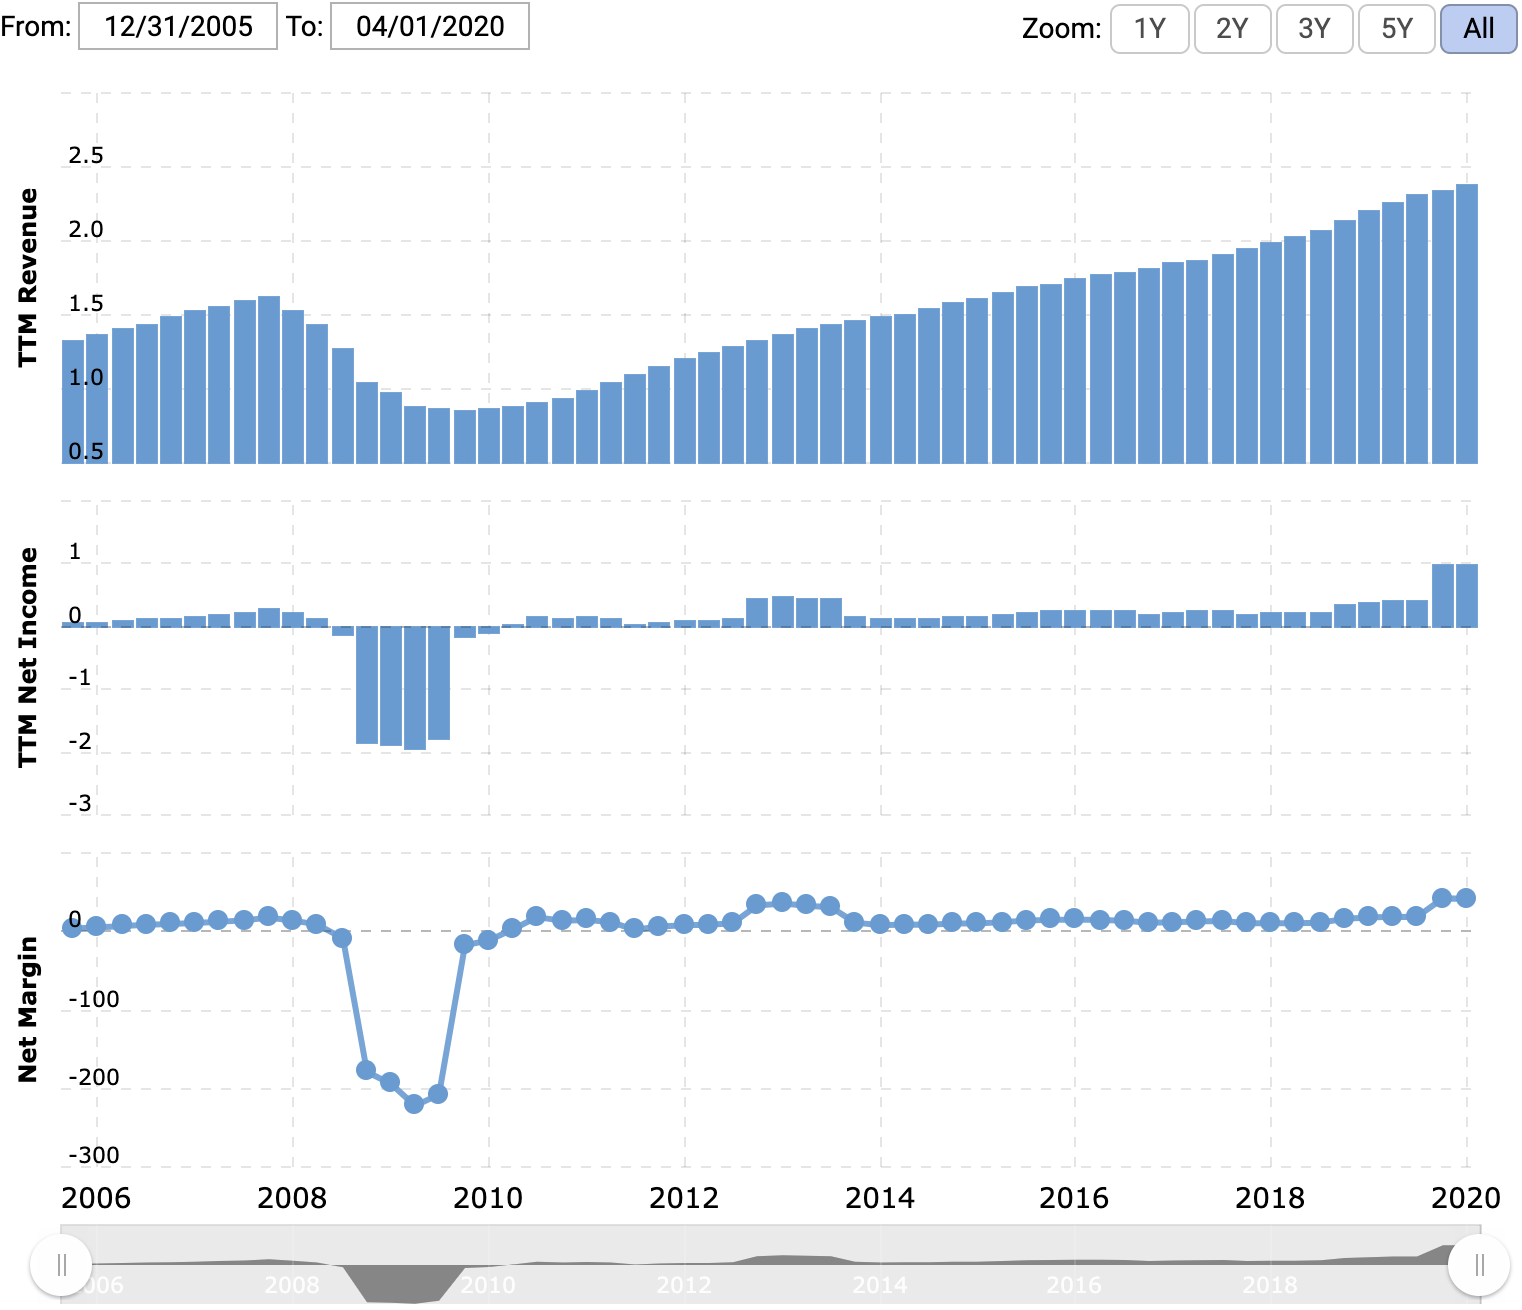 Выручка и прибыль за последние 12 месяцев в миллиардах долларов, итоговая маржа в процентах от выручки. Источник: Macrotrends